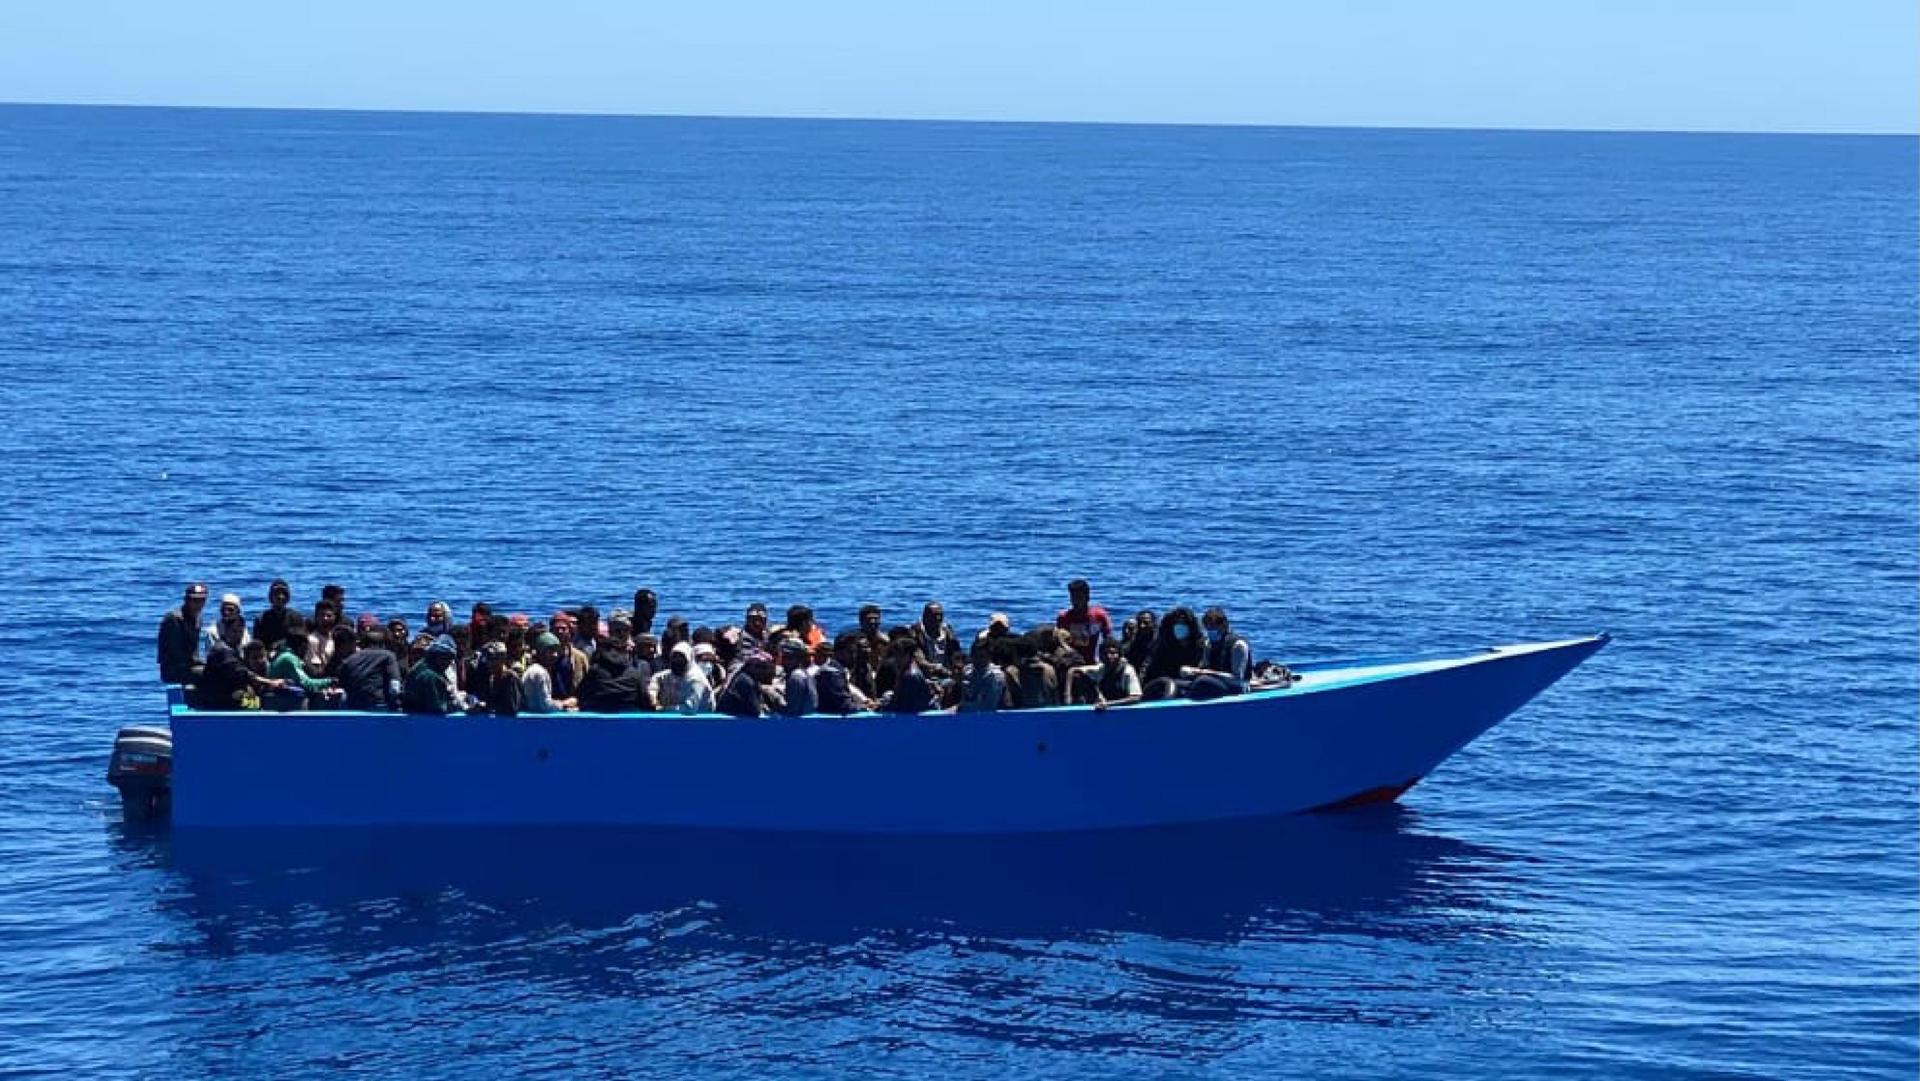 Aumentano i respingimenti in Libia e l'hotspot di Lampedusa è al collasso